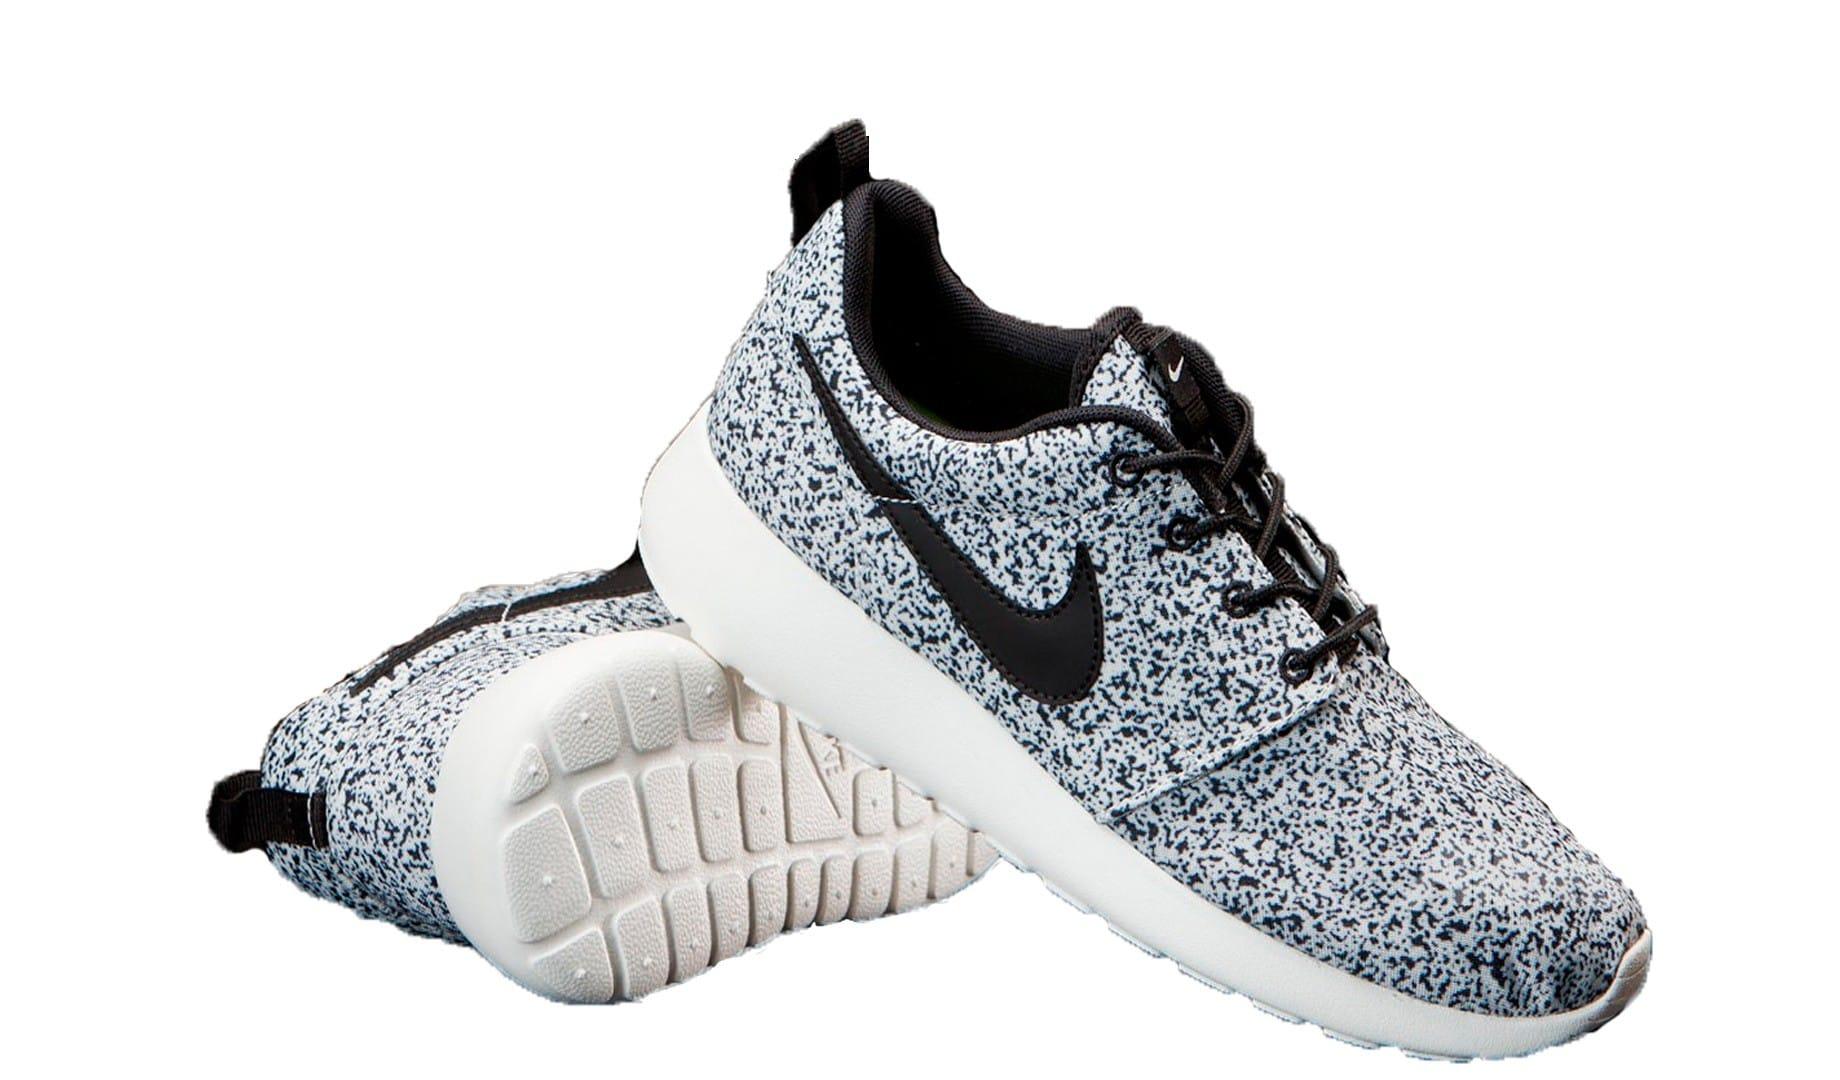 Nike Roshe Run Hombre 2015